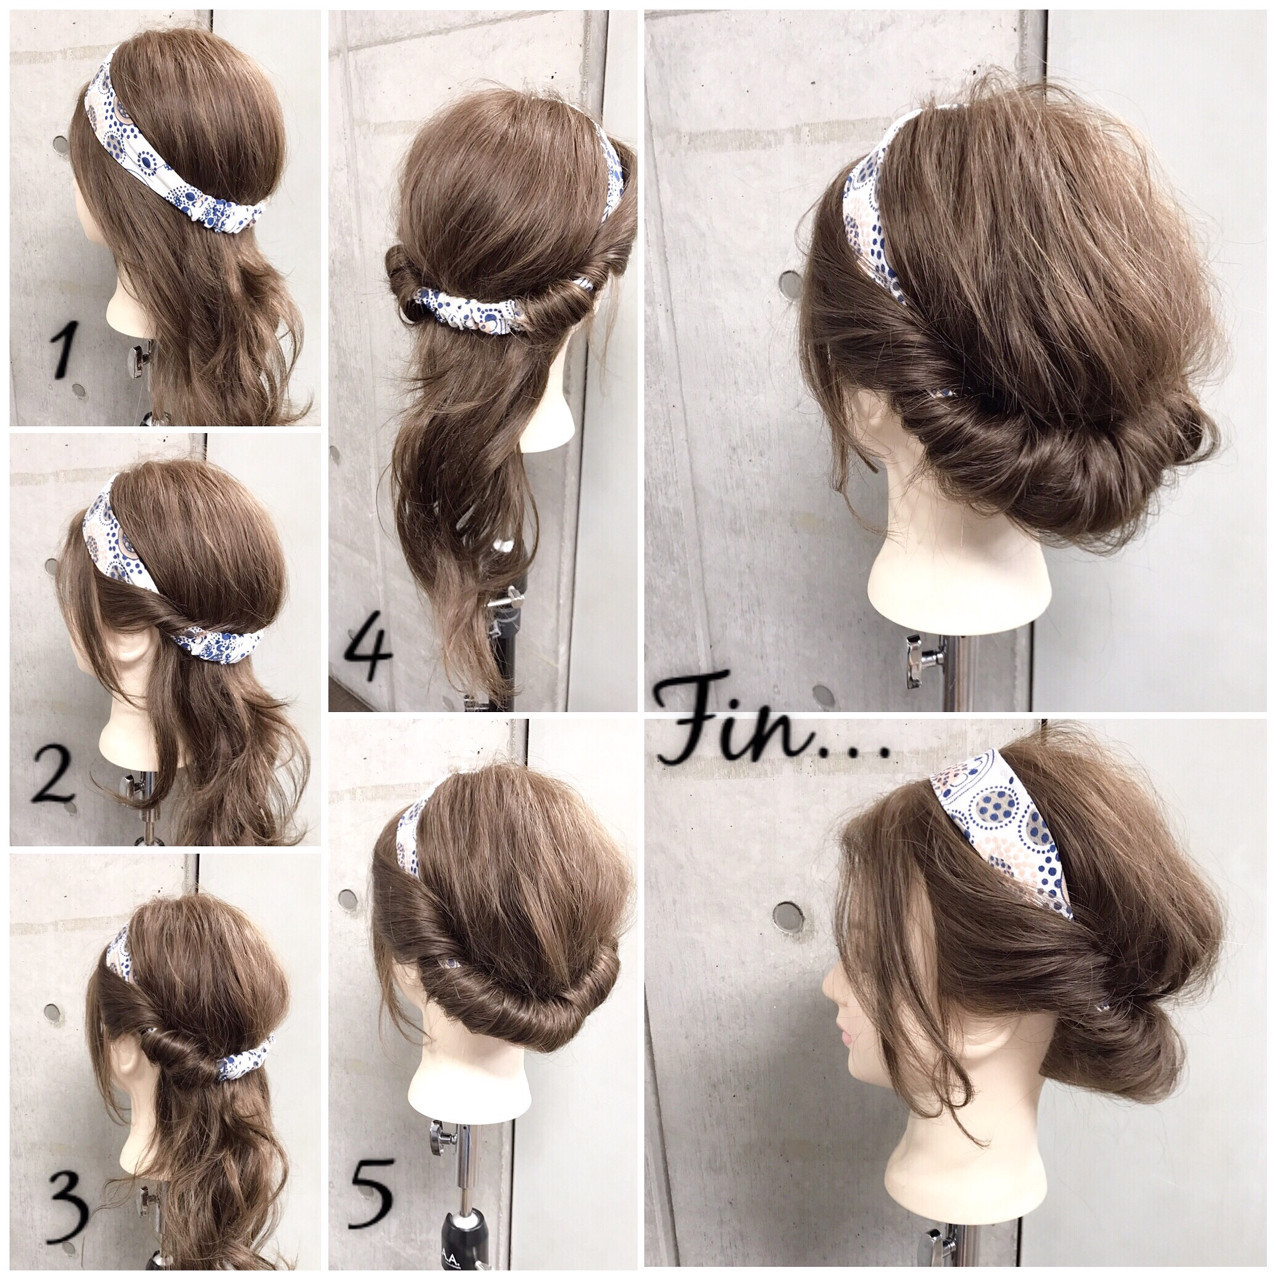 ギブソンタック セミロング 簡単ヘアアレンジ 女子会 ヘアスタイルや髪型の写真・画像